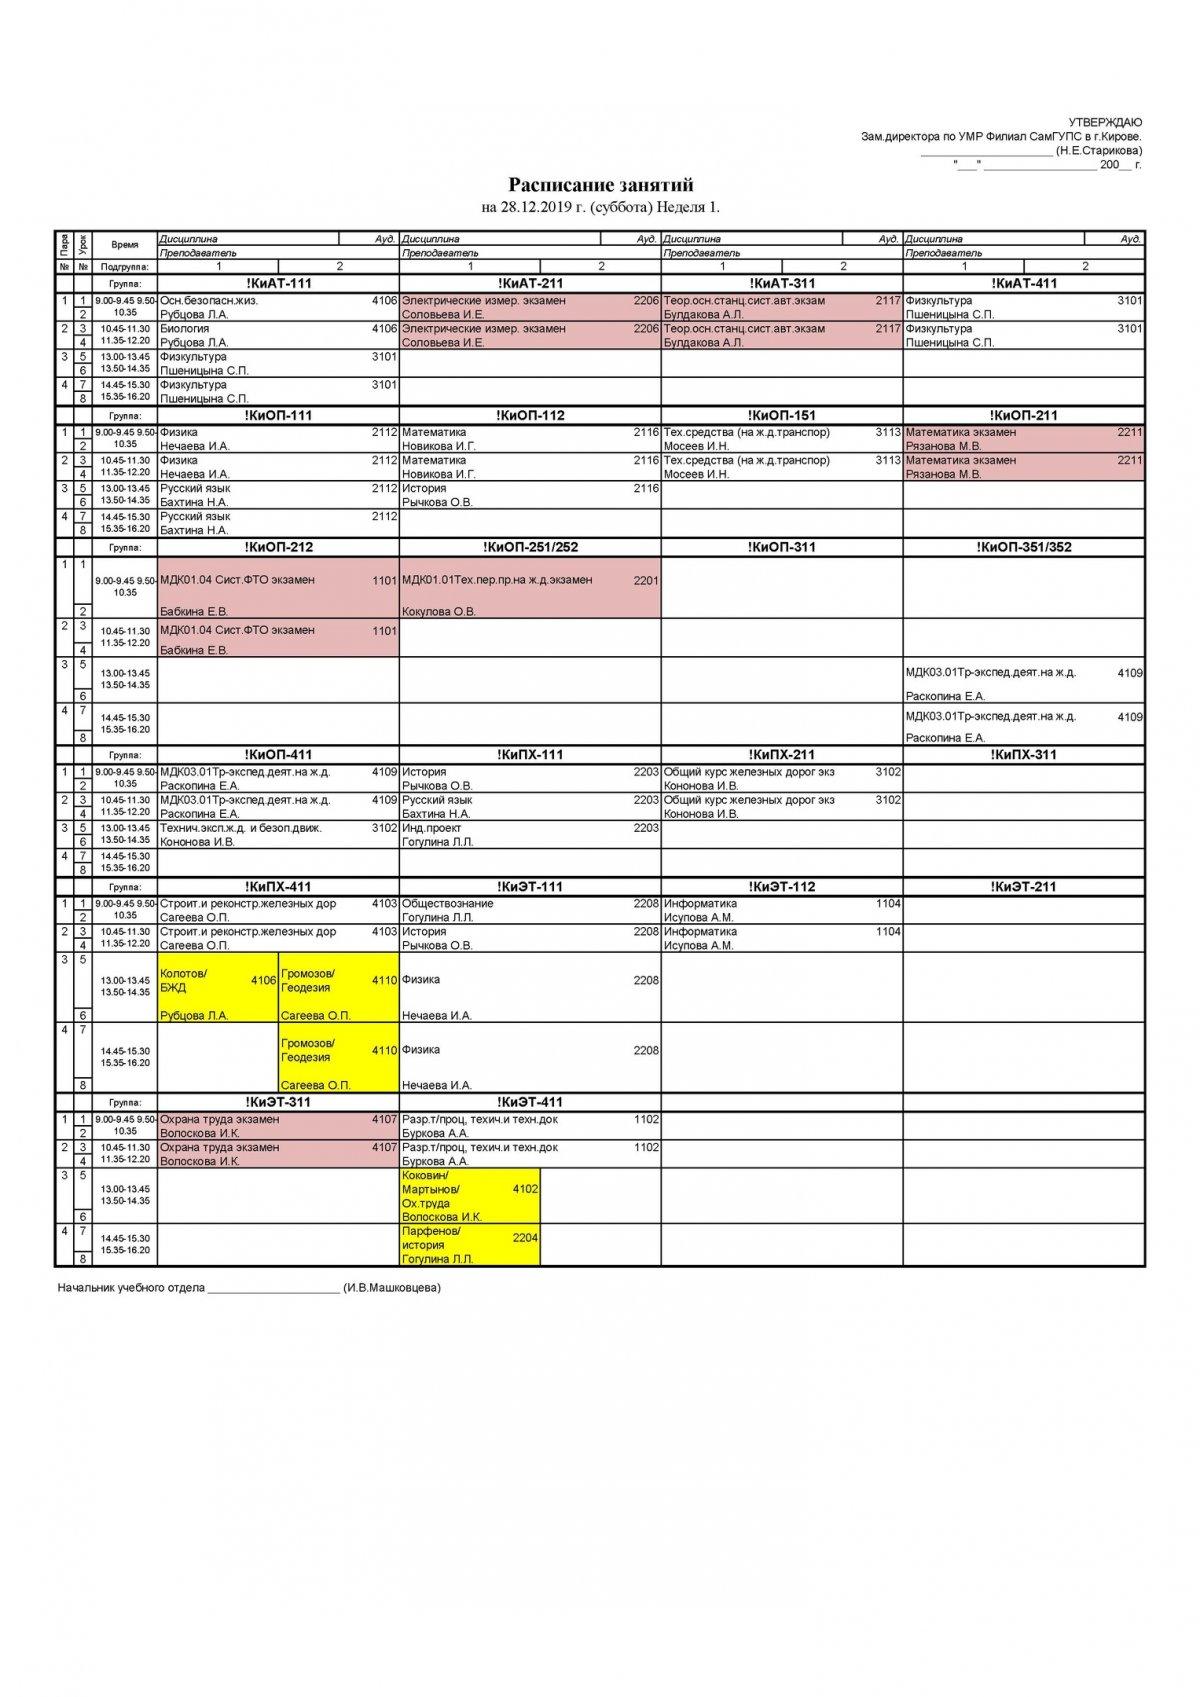 Расписание для студентов очного отделения